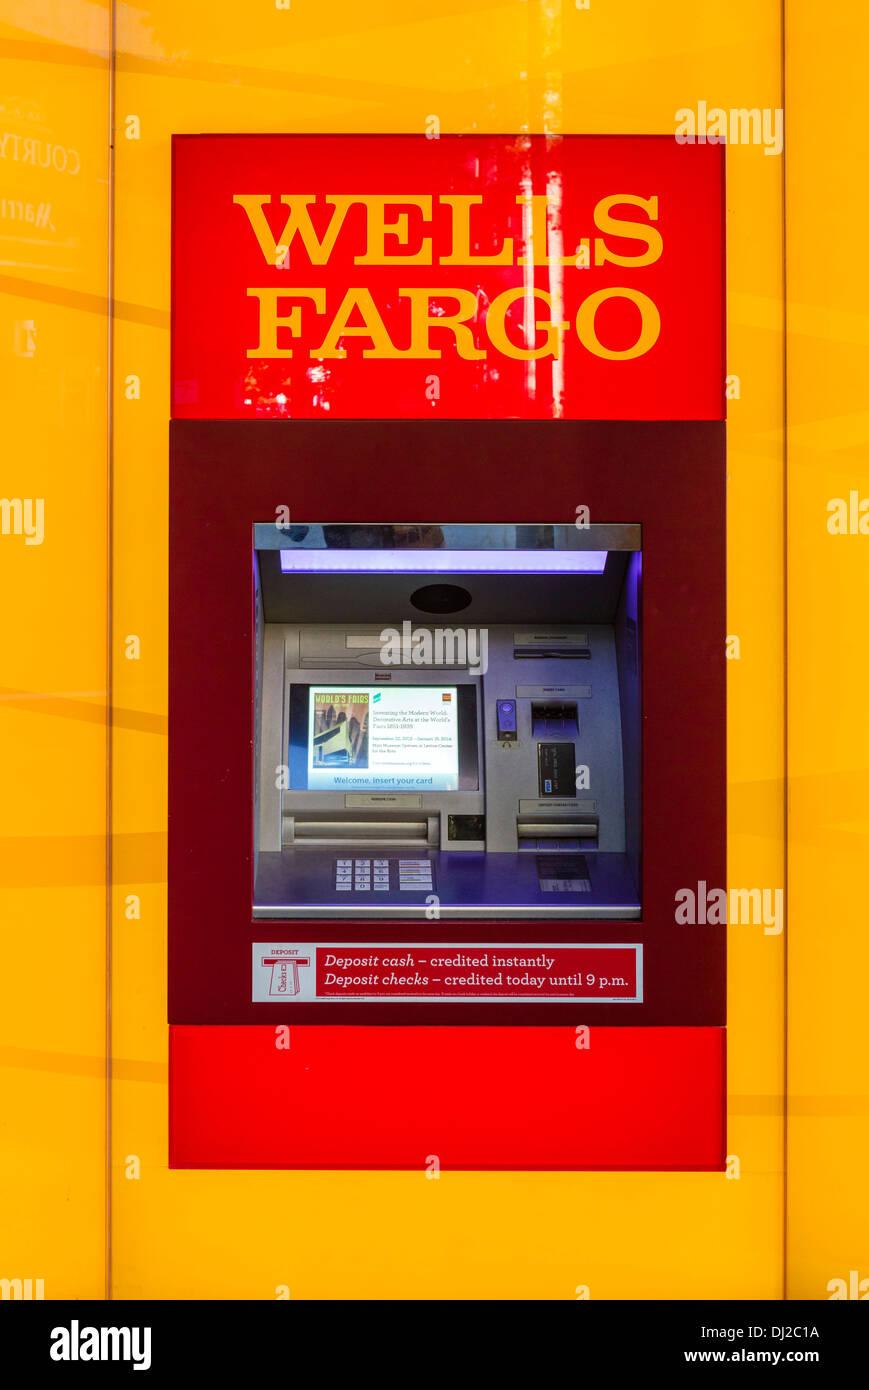 Wells Fargo Bank cajero, EE.UU. Imagen De Stock